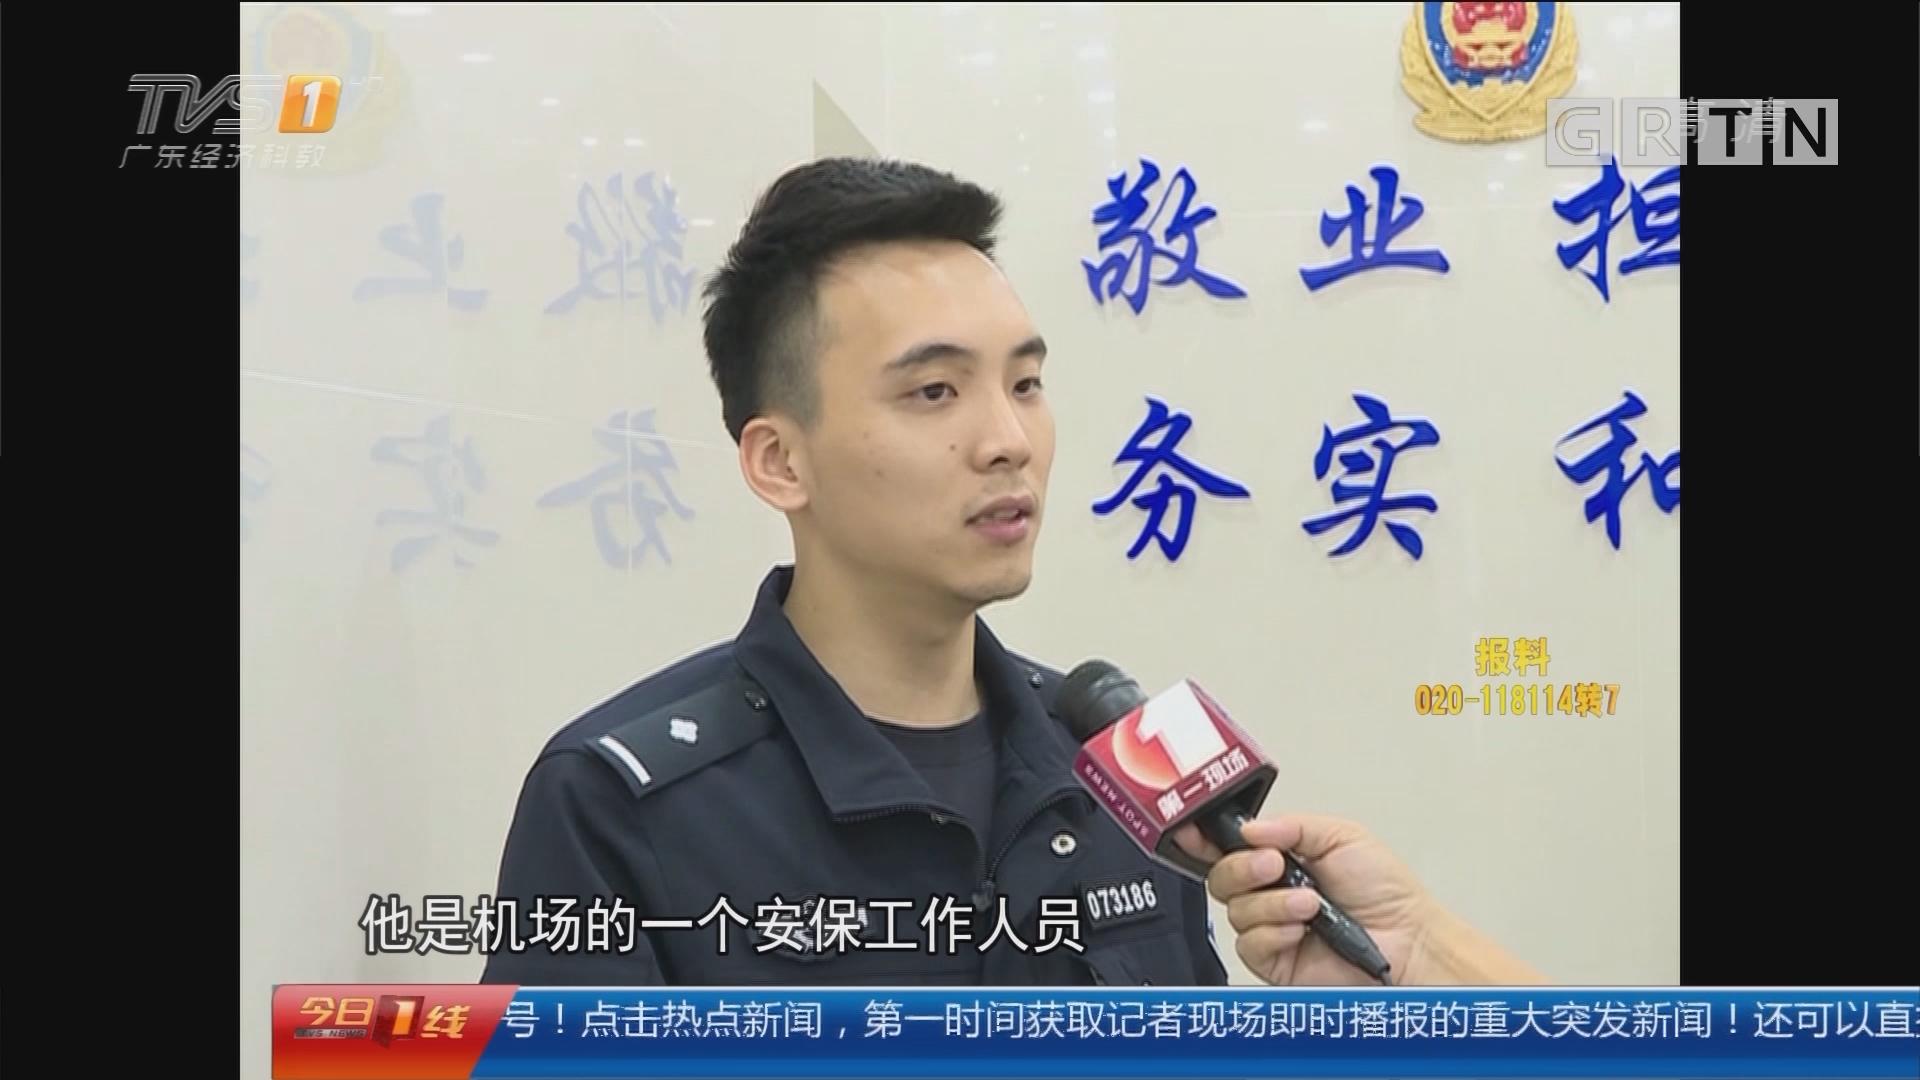 """深圳:小伙网恋被骗2万 警方缉拿""""女友"""""""